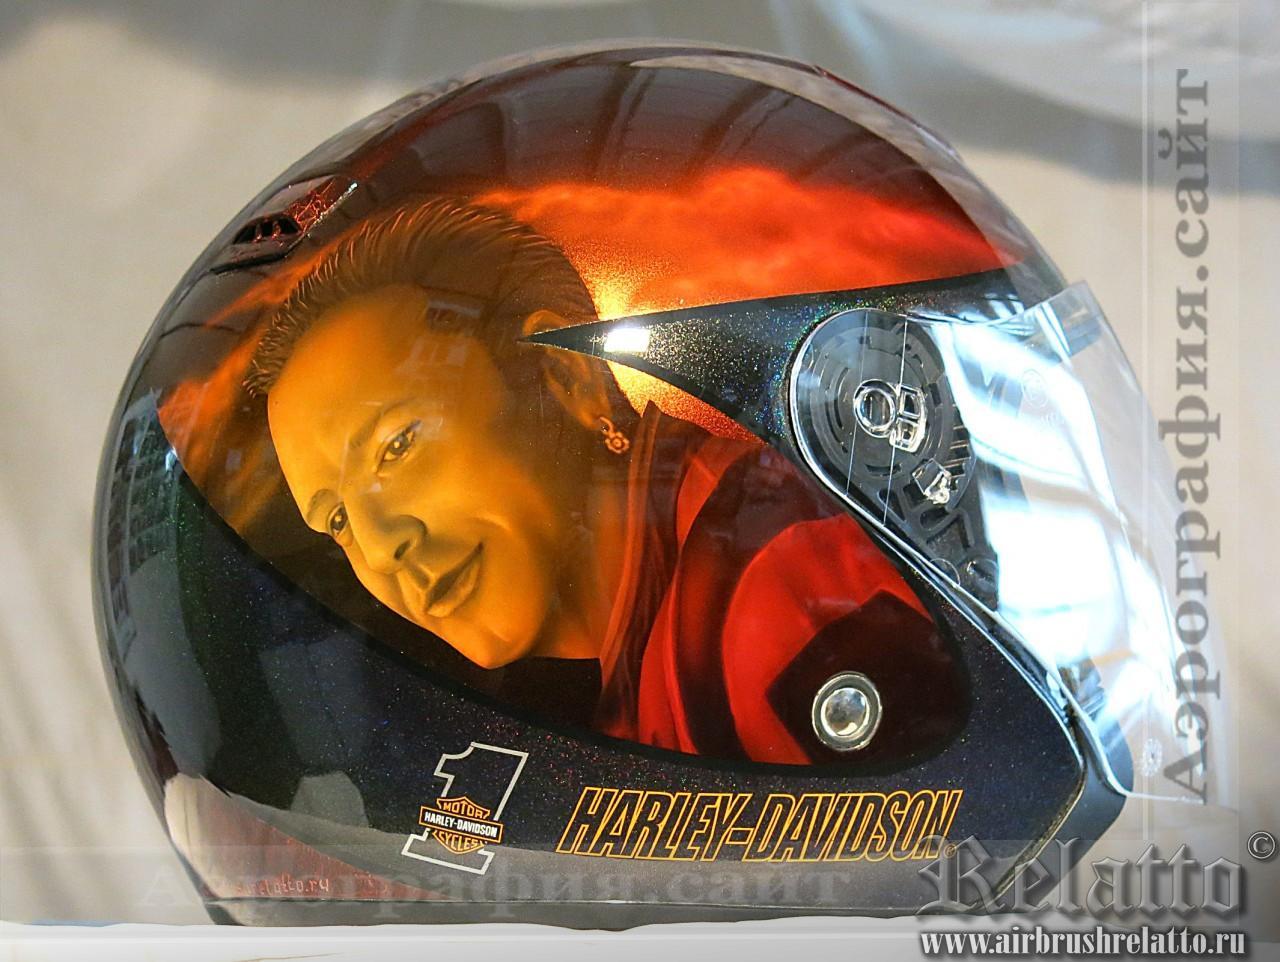 Аэрография на мотошлеме Harley Davidson